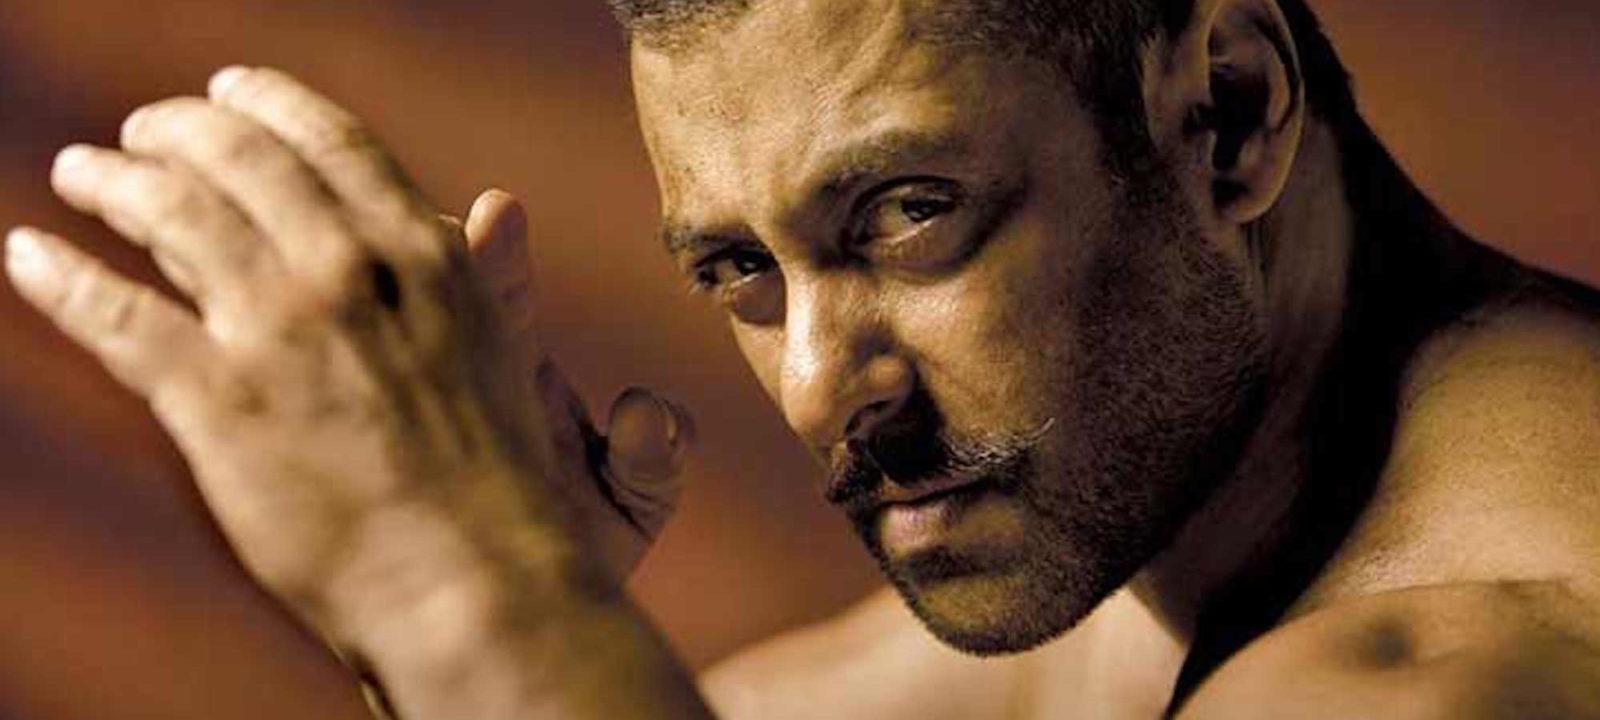 Salman Khan in 'Sultan'